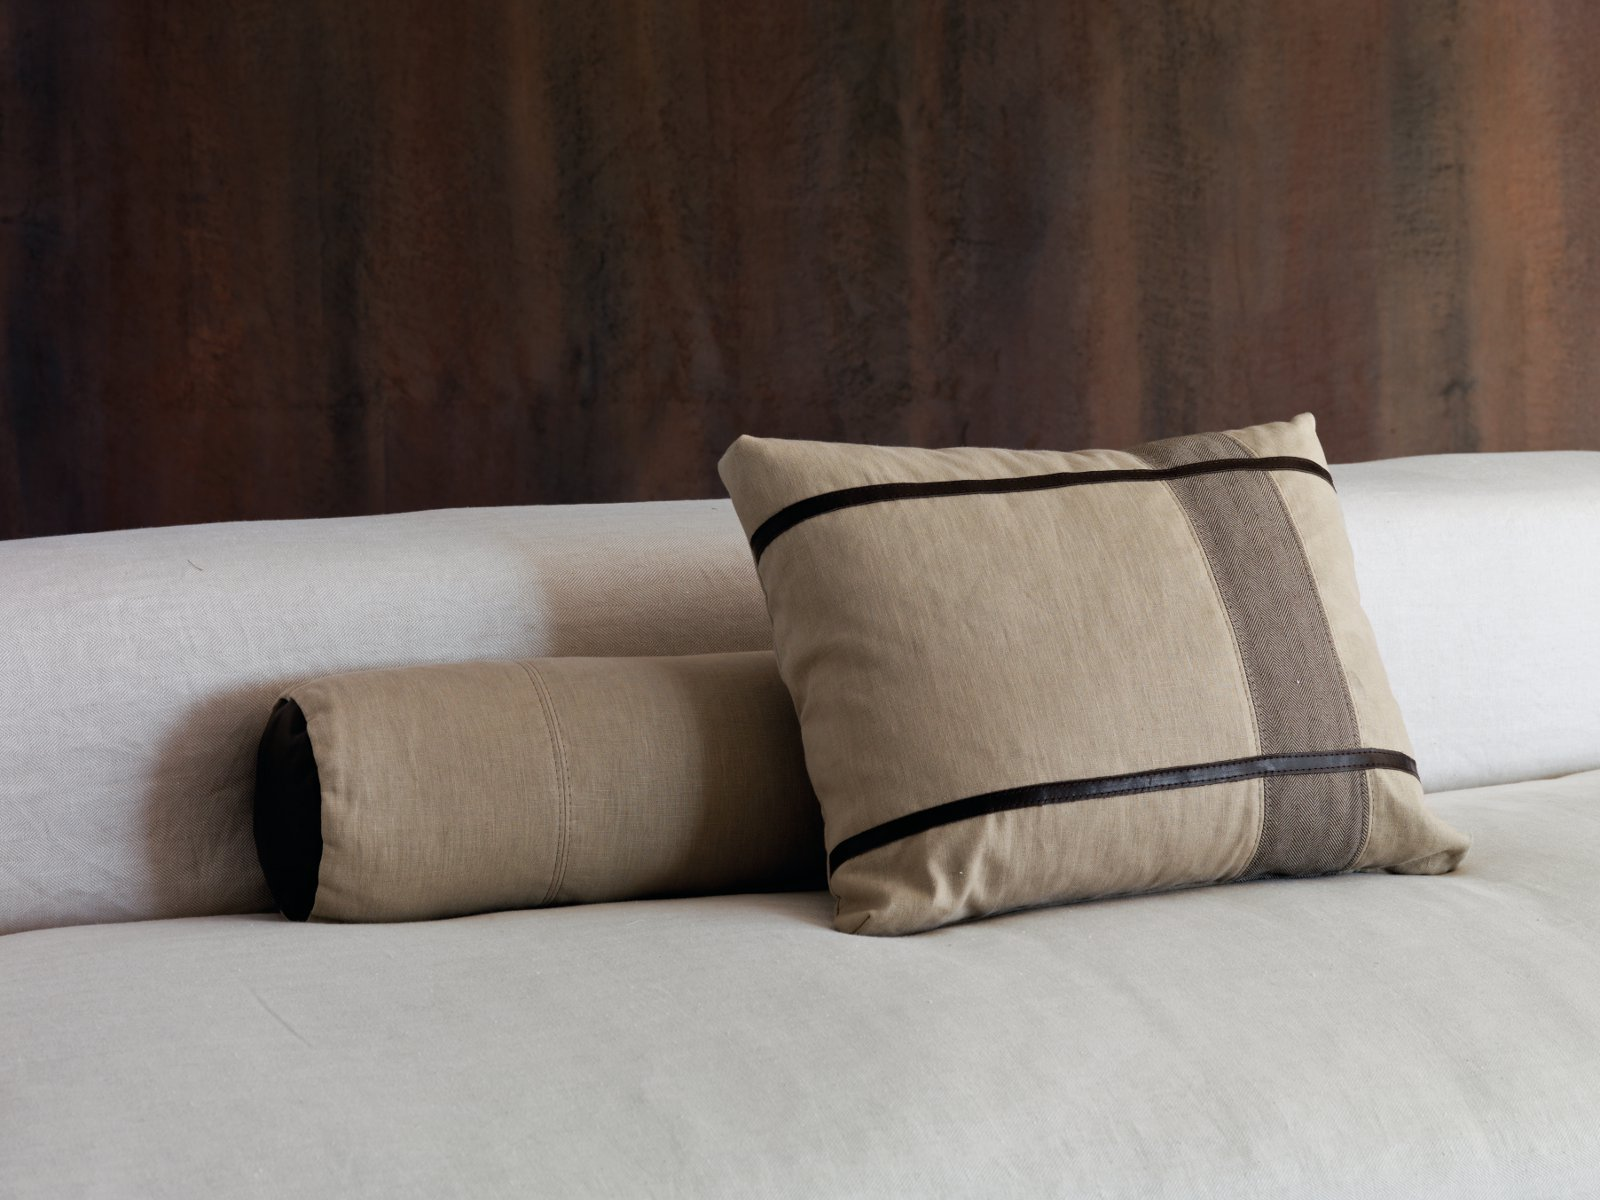 Cuscino sfoderabile per divani INTRECCI by Dsire